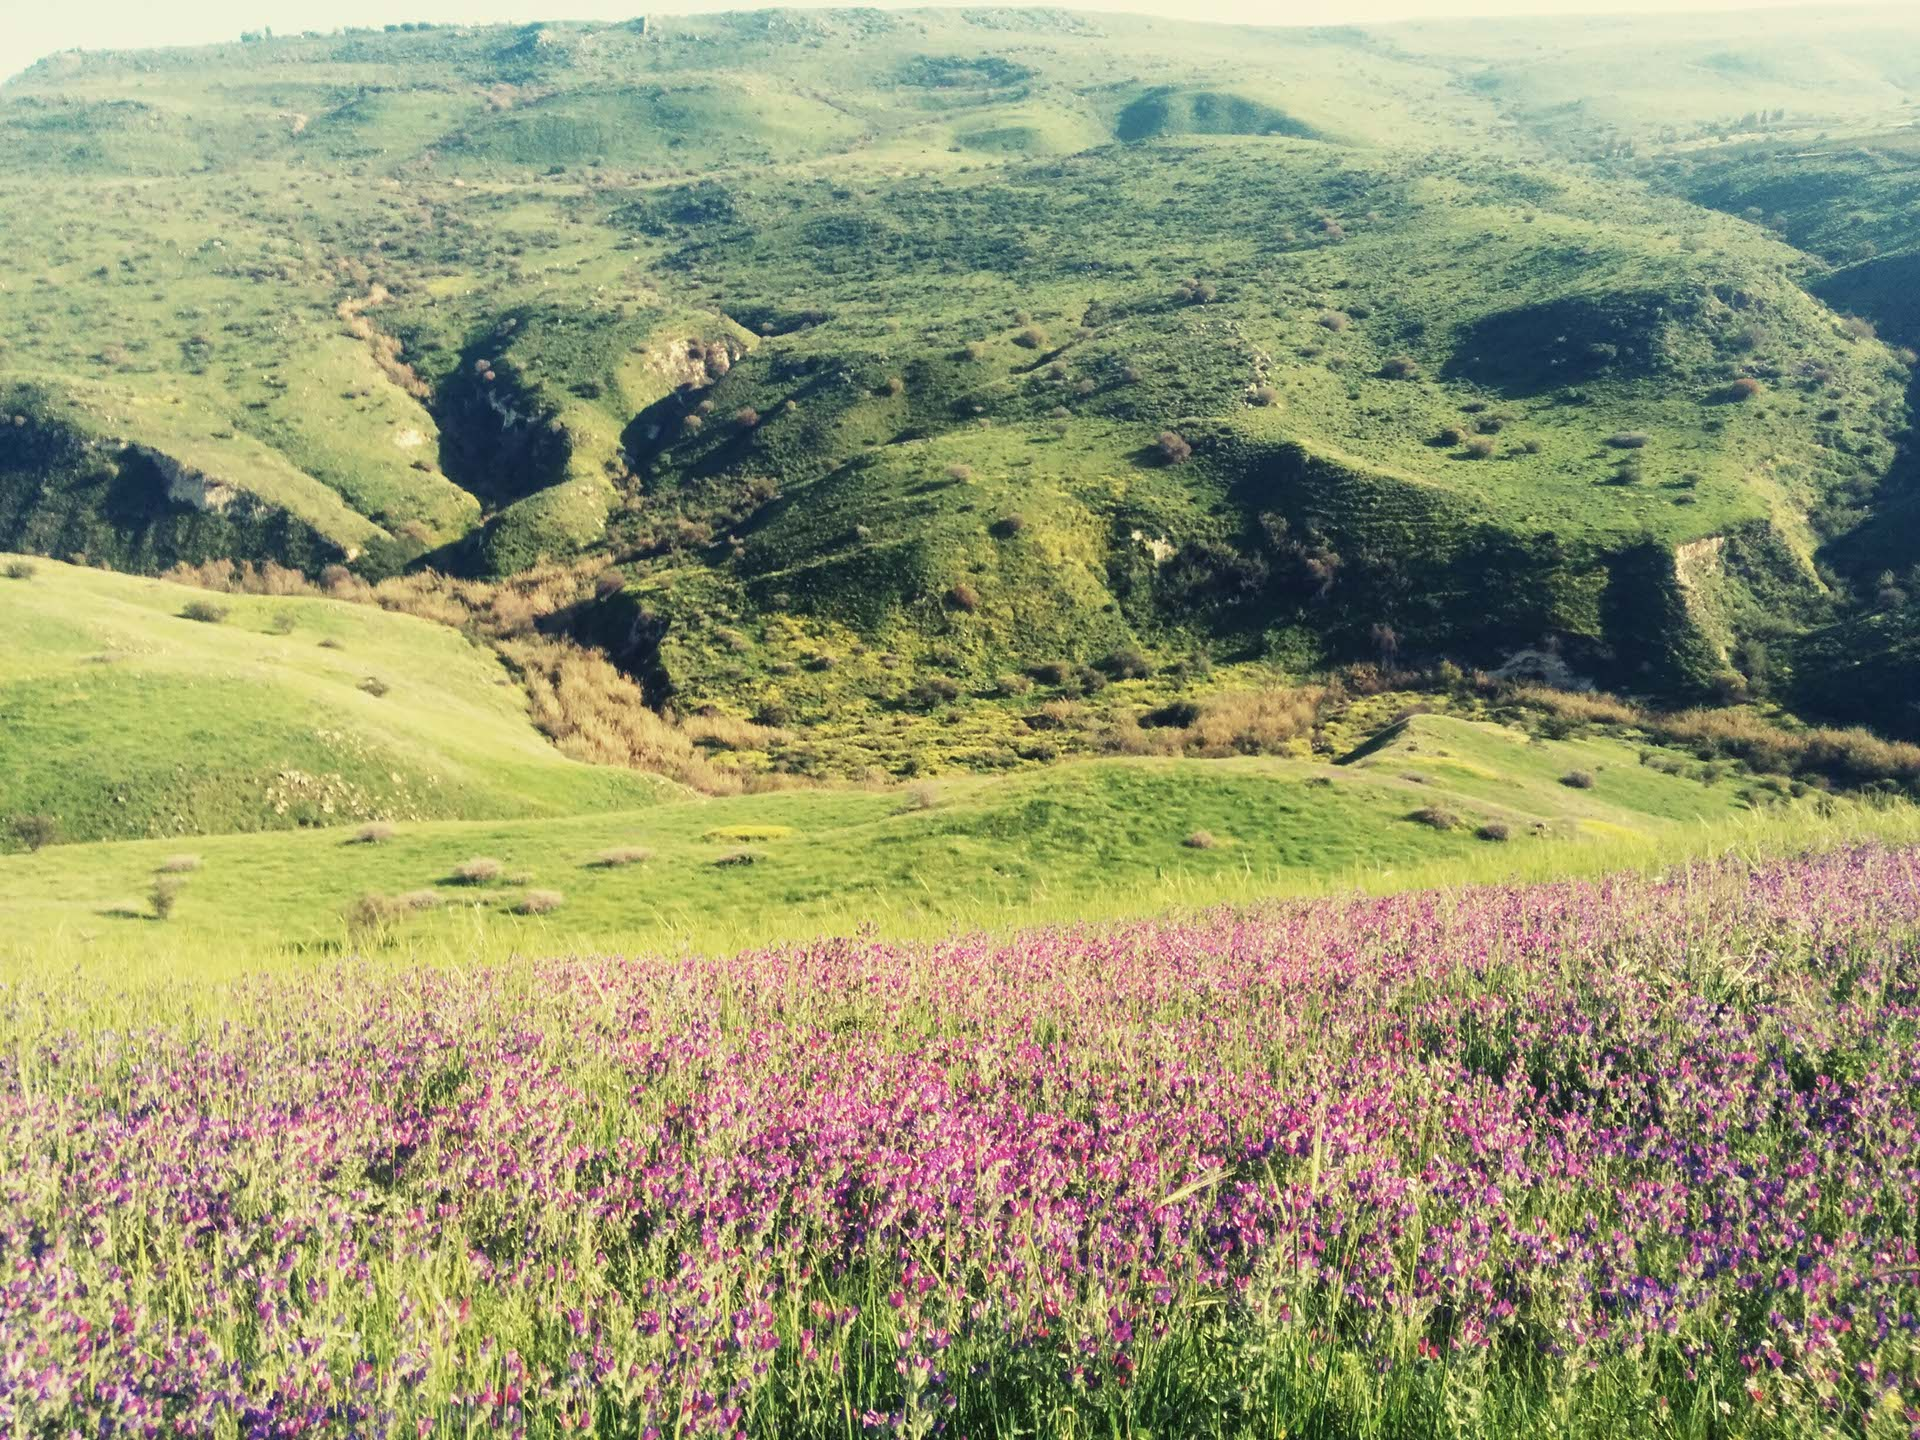 טיולי פריחה בפסגות הגולן בעונת החורף והאביב בג'יפים של פלגי בזלת